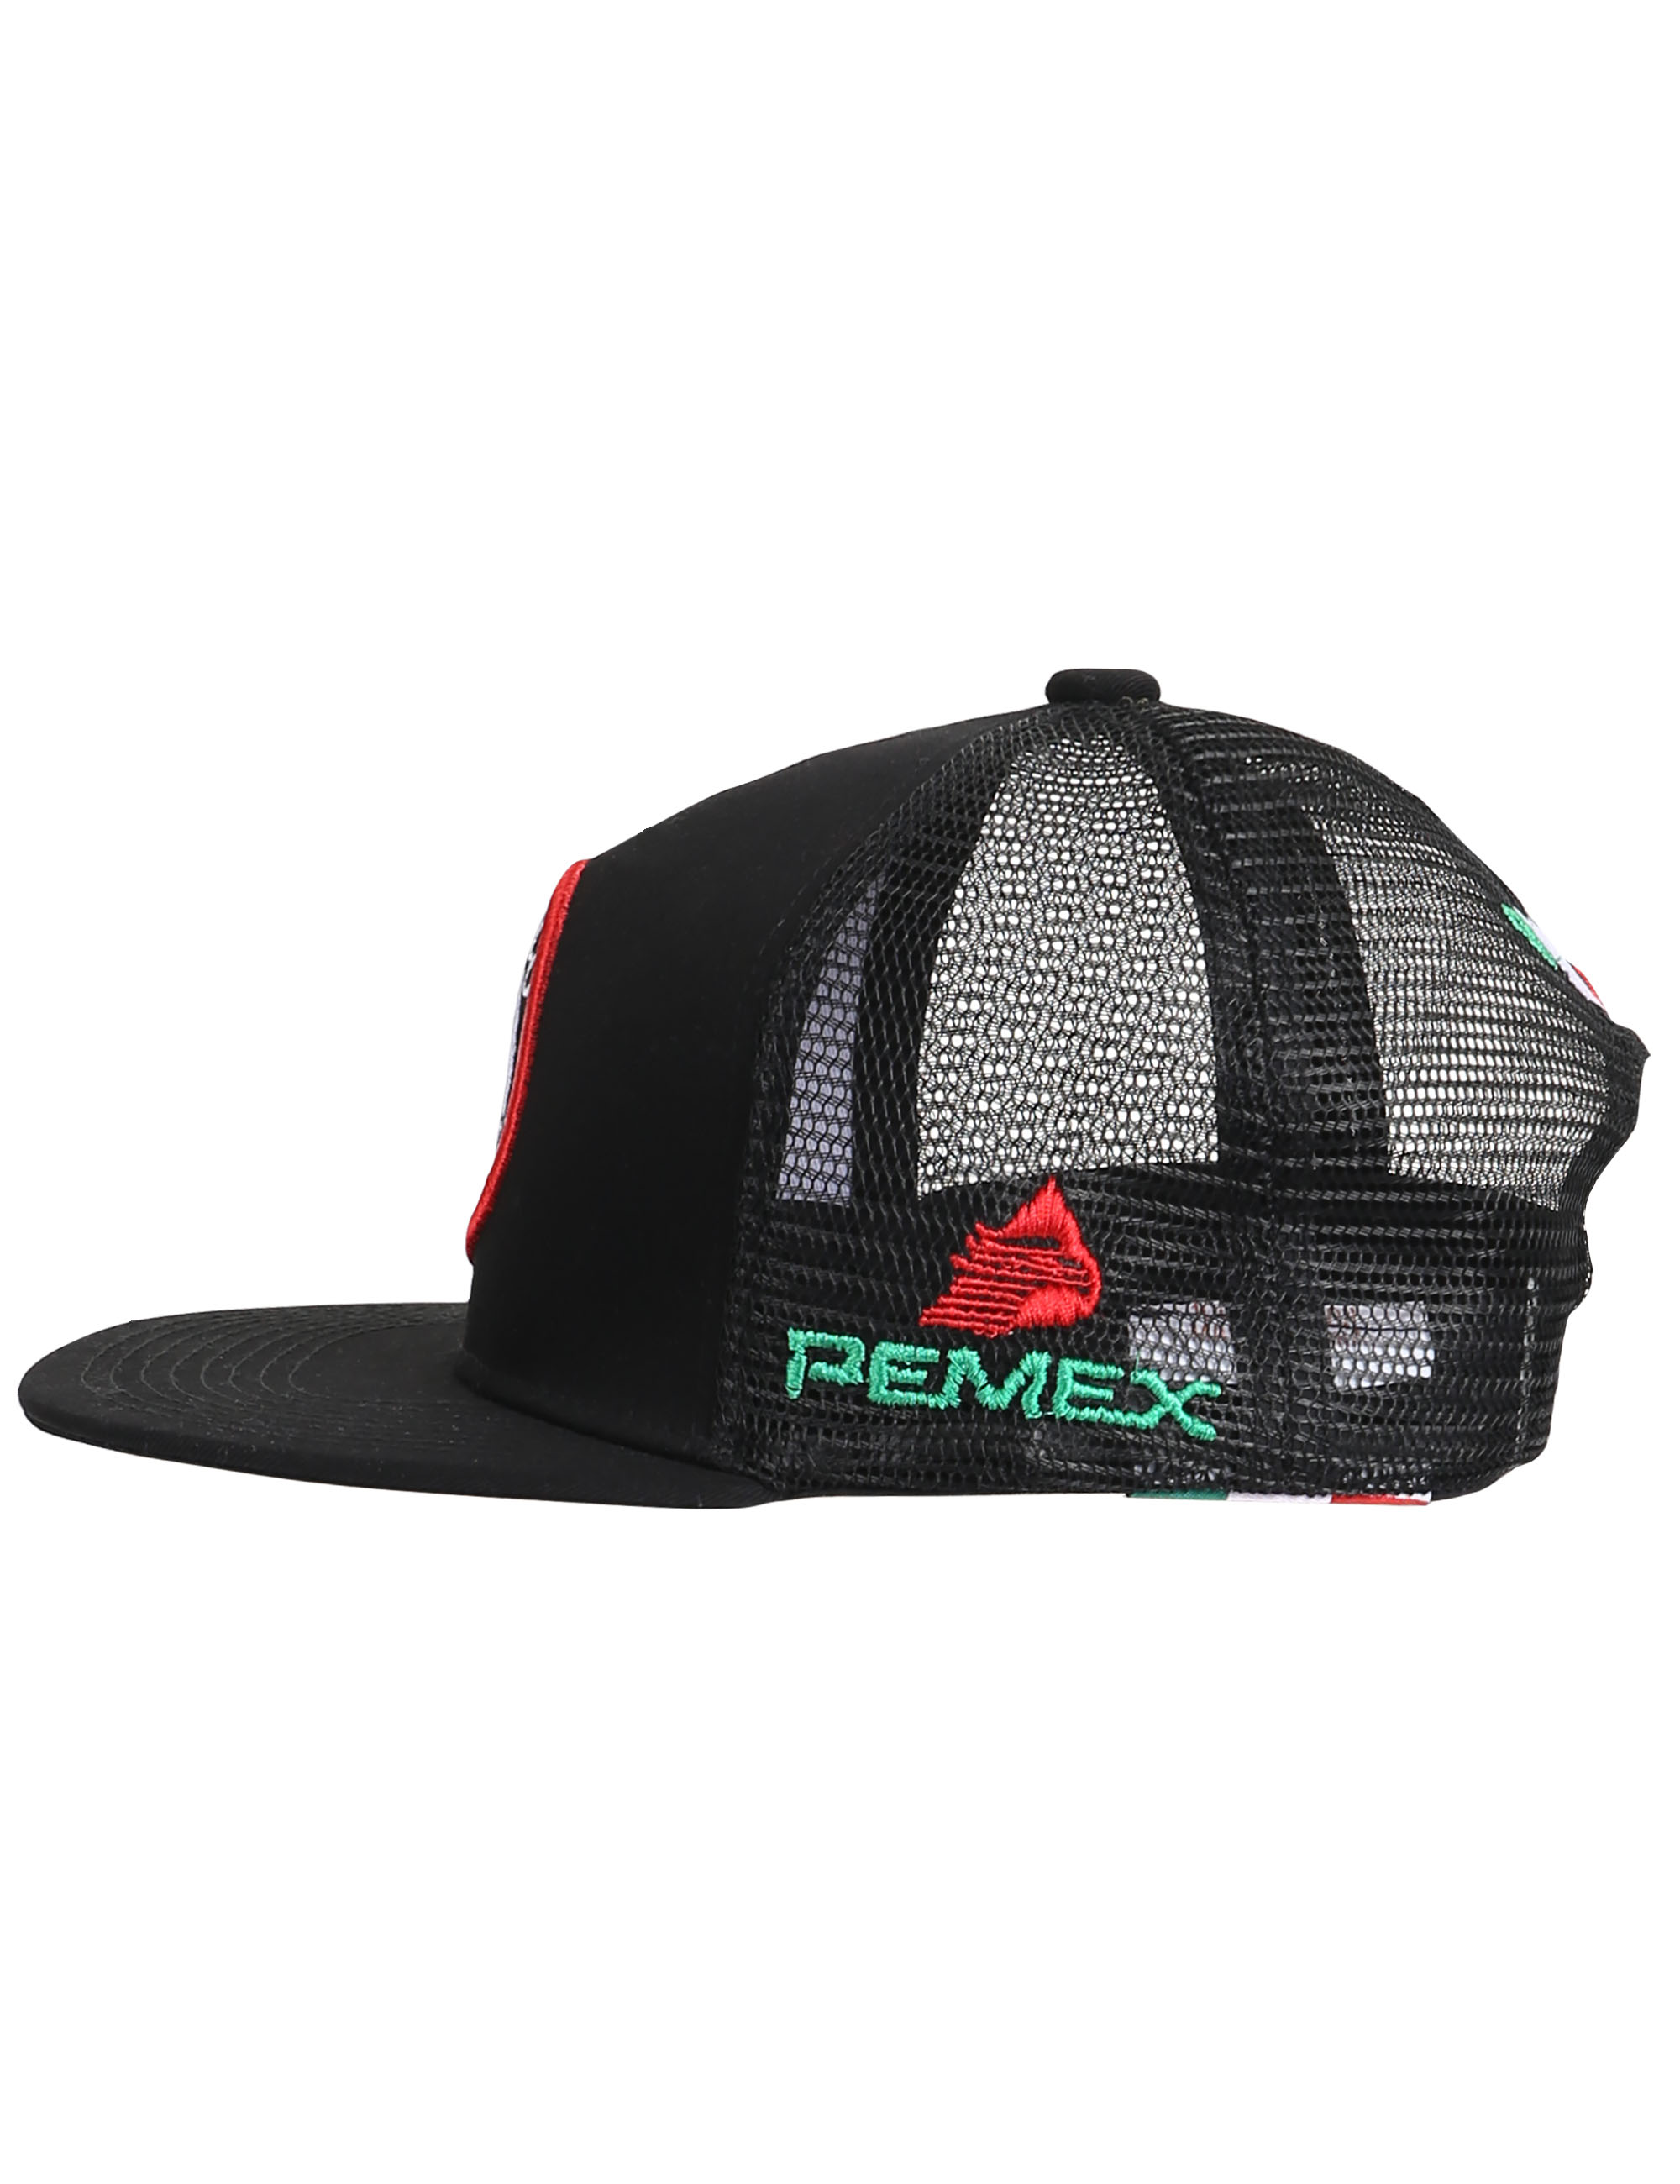 0e57c7a9a0e6 Escudo de Mexico Mesh Trucker Hat Embroidered Gorras Cachuchas Para ...